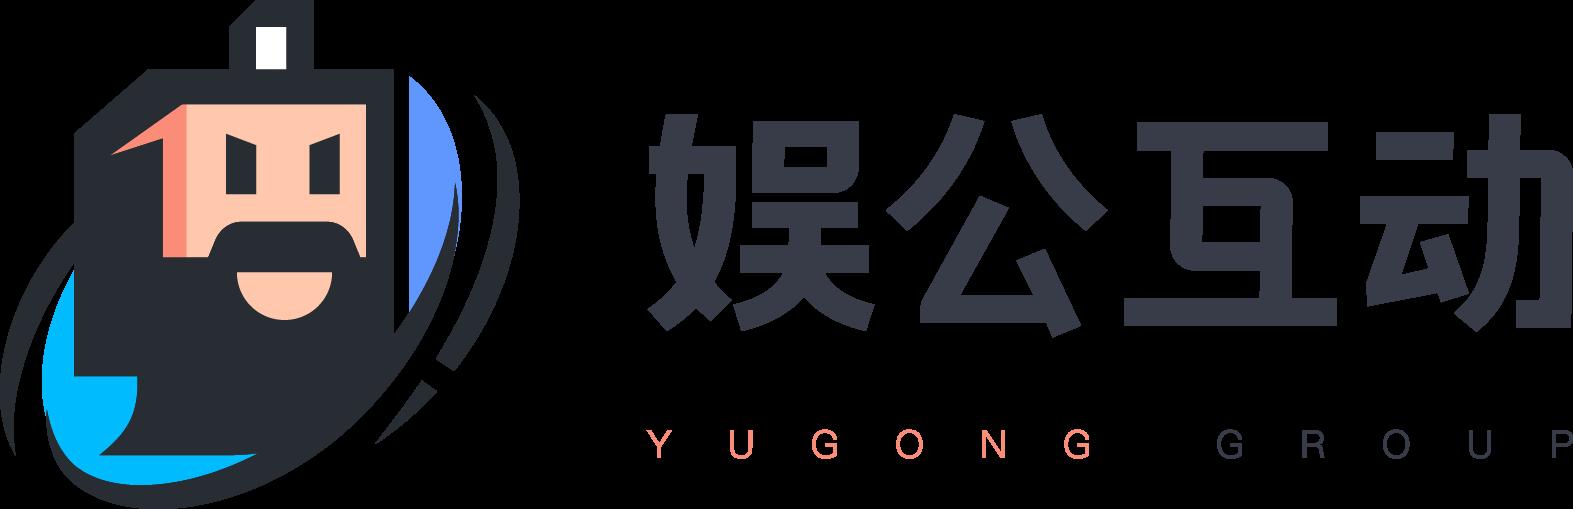 yugonggroup